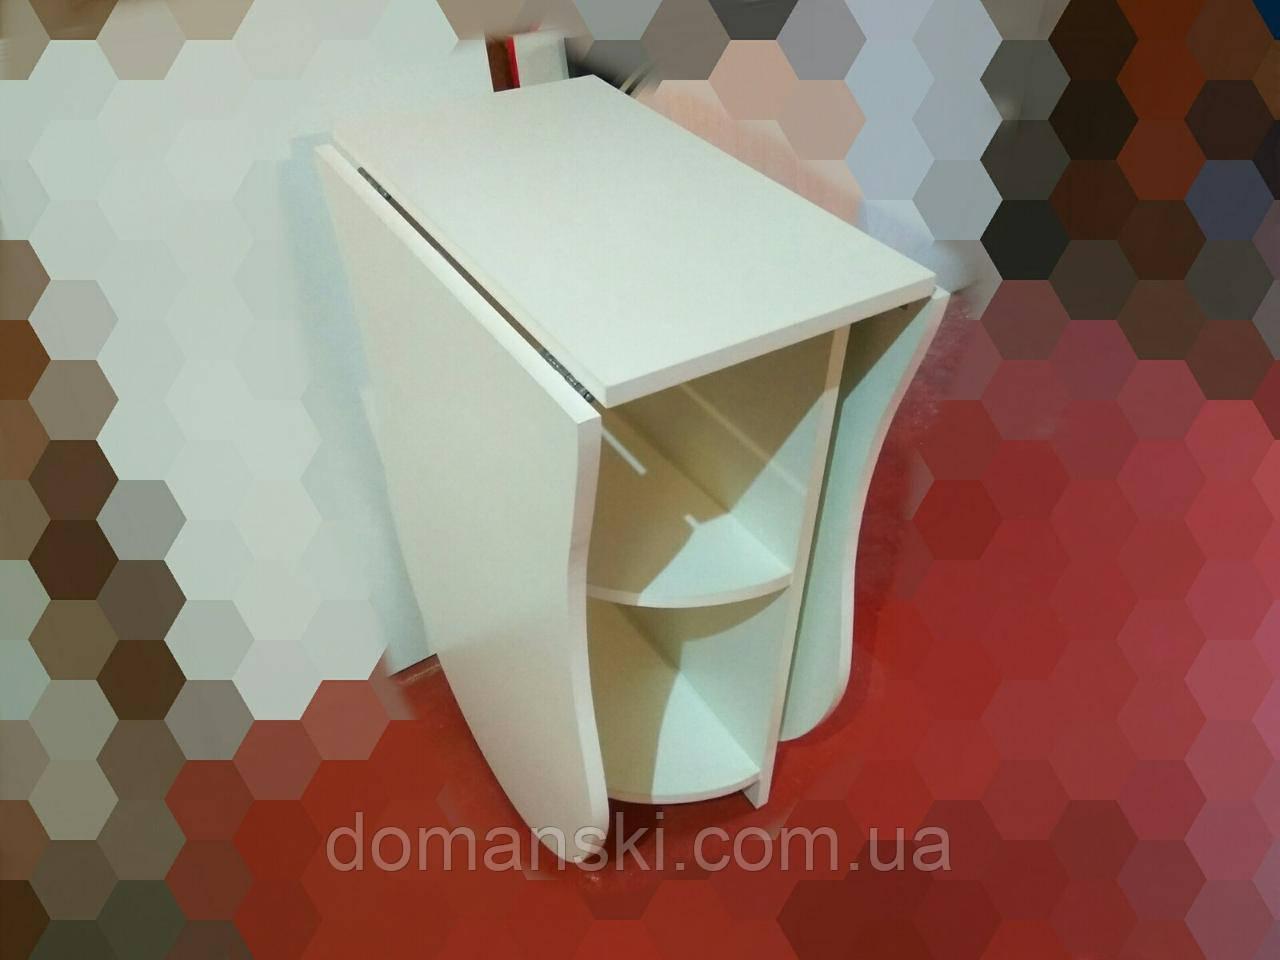 Маникюрный стол на два мастера  с фигурной столешницей. Стол для маникюра раскладной .